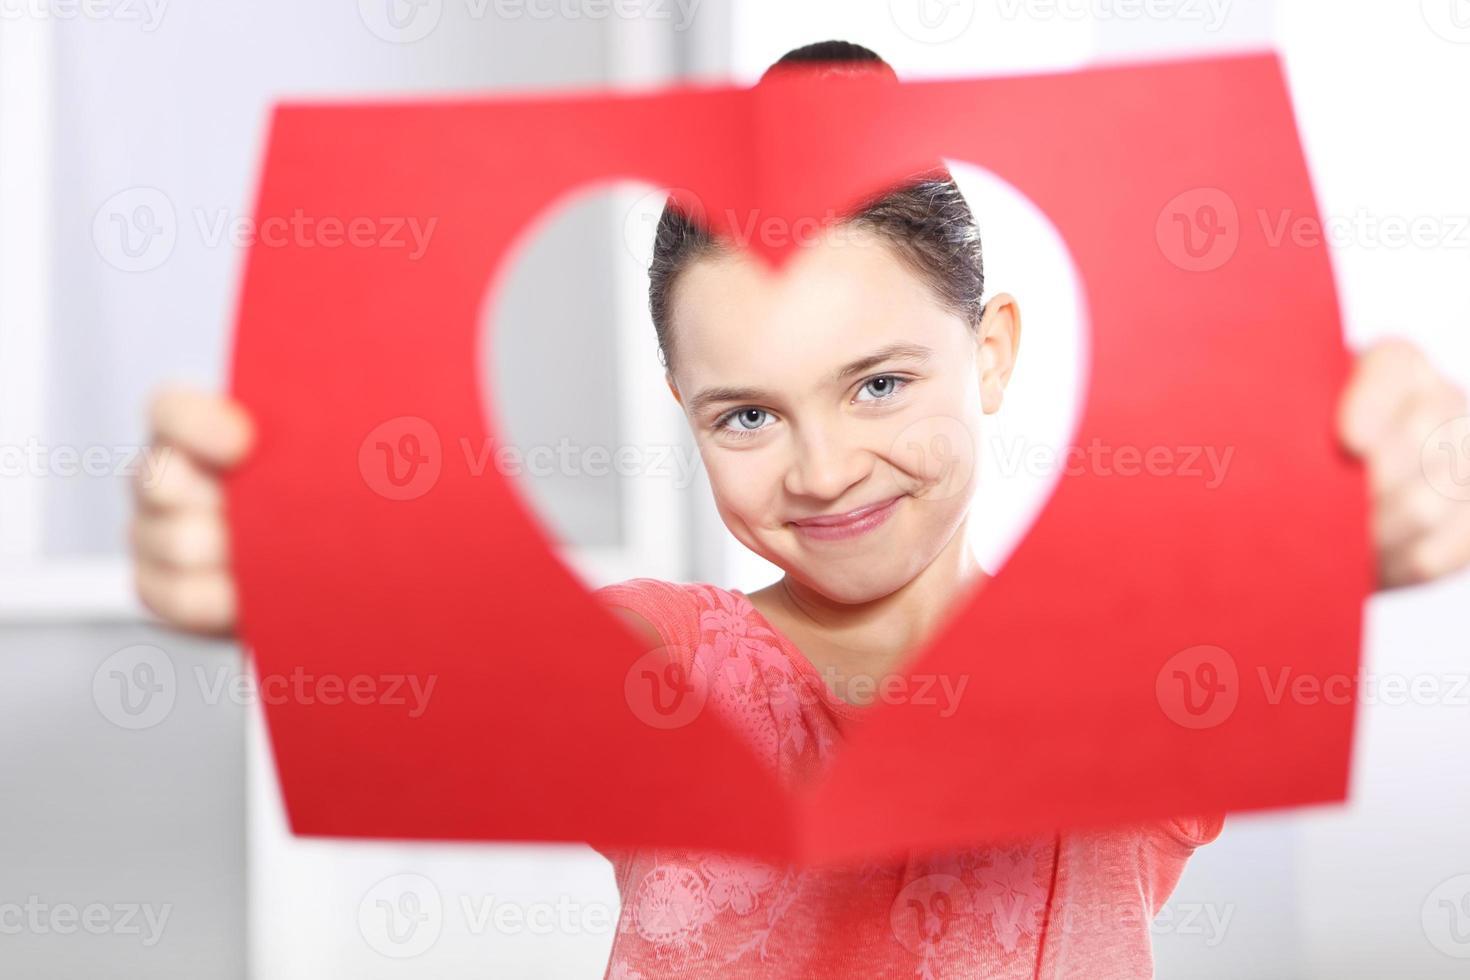 alla hjärtans dagskort foto